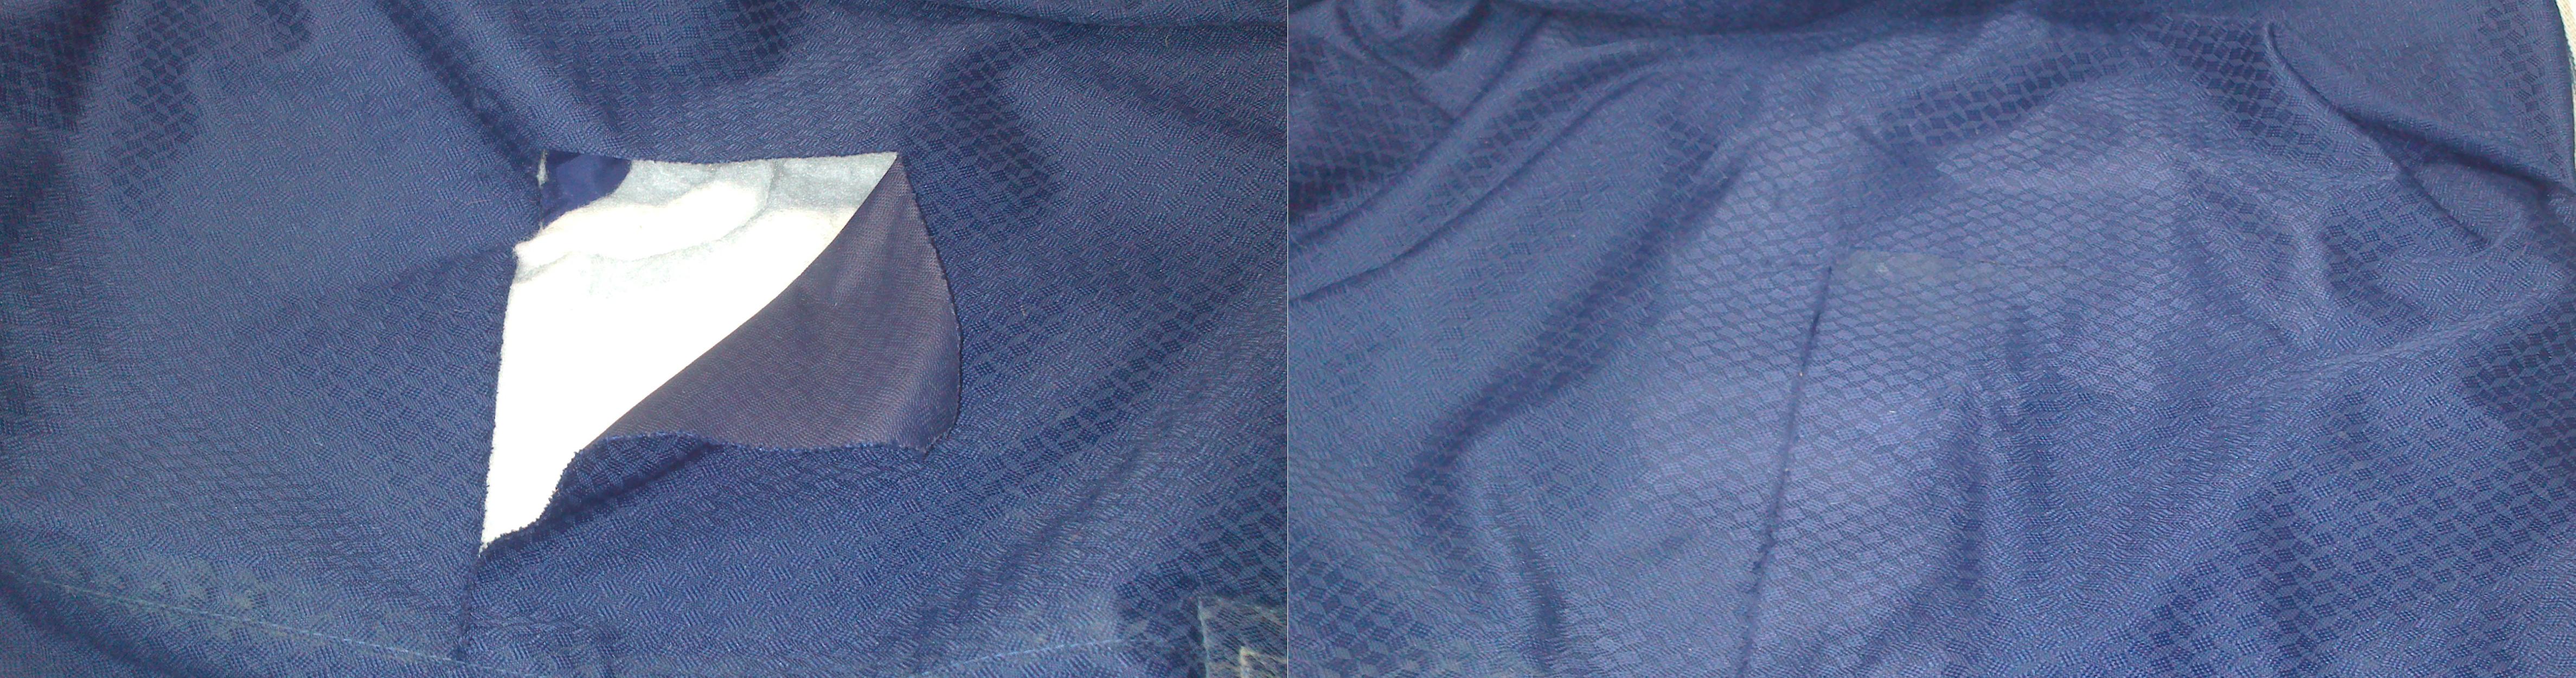 scheur in deken (2)